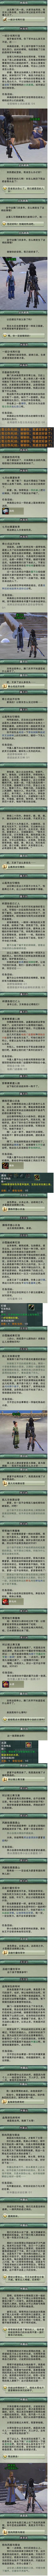 主线任务07 - 李牧祠.jpg